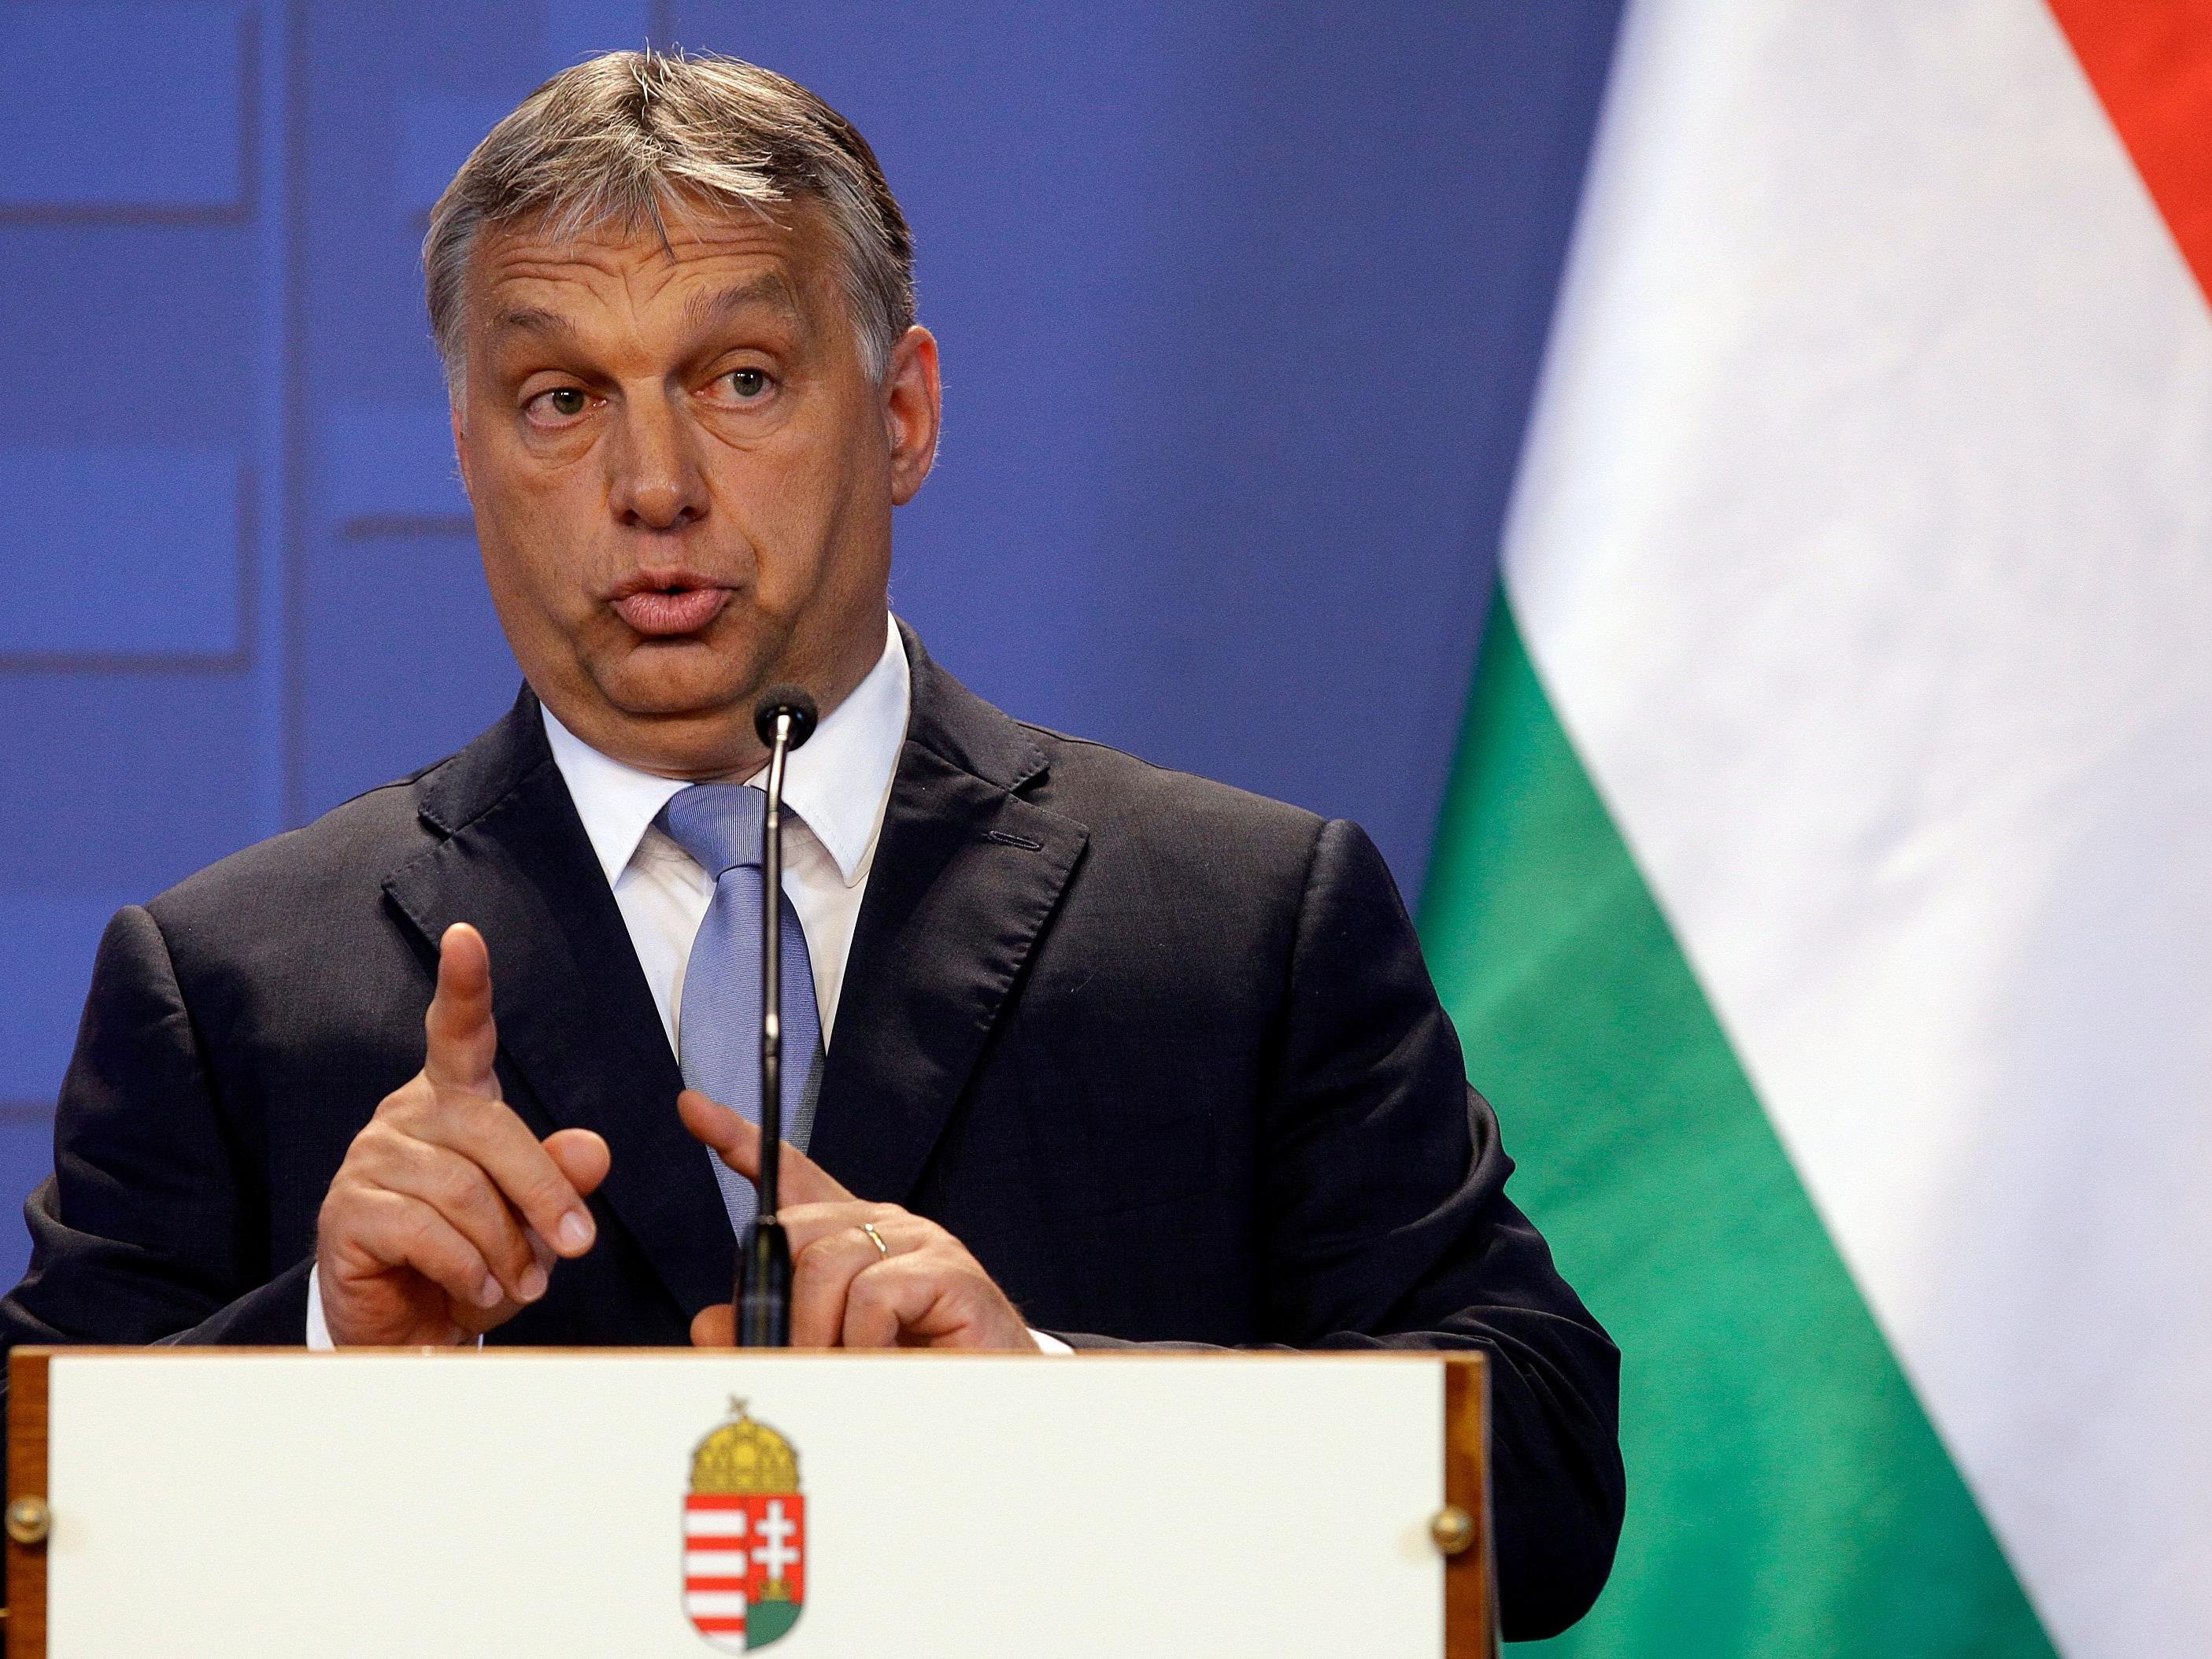 Ungarn verstoße mit seiner Flüchtlingspolitik gegen europäische Werte, so der Vorwurf.